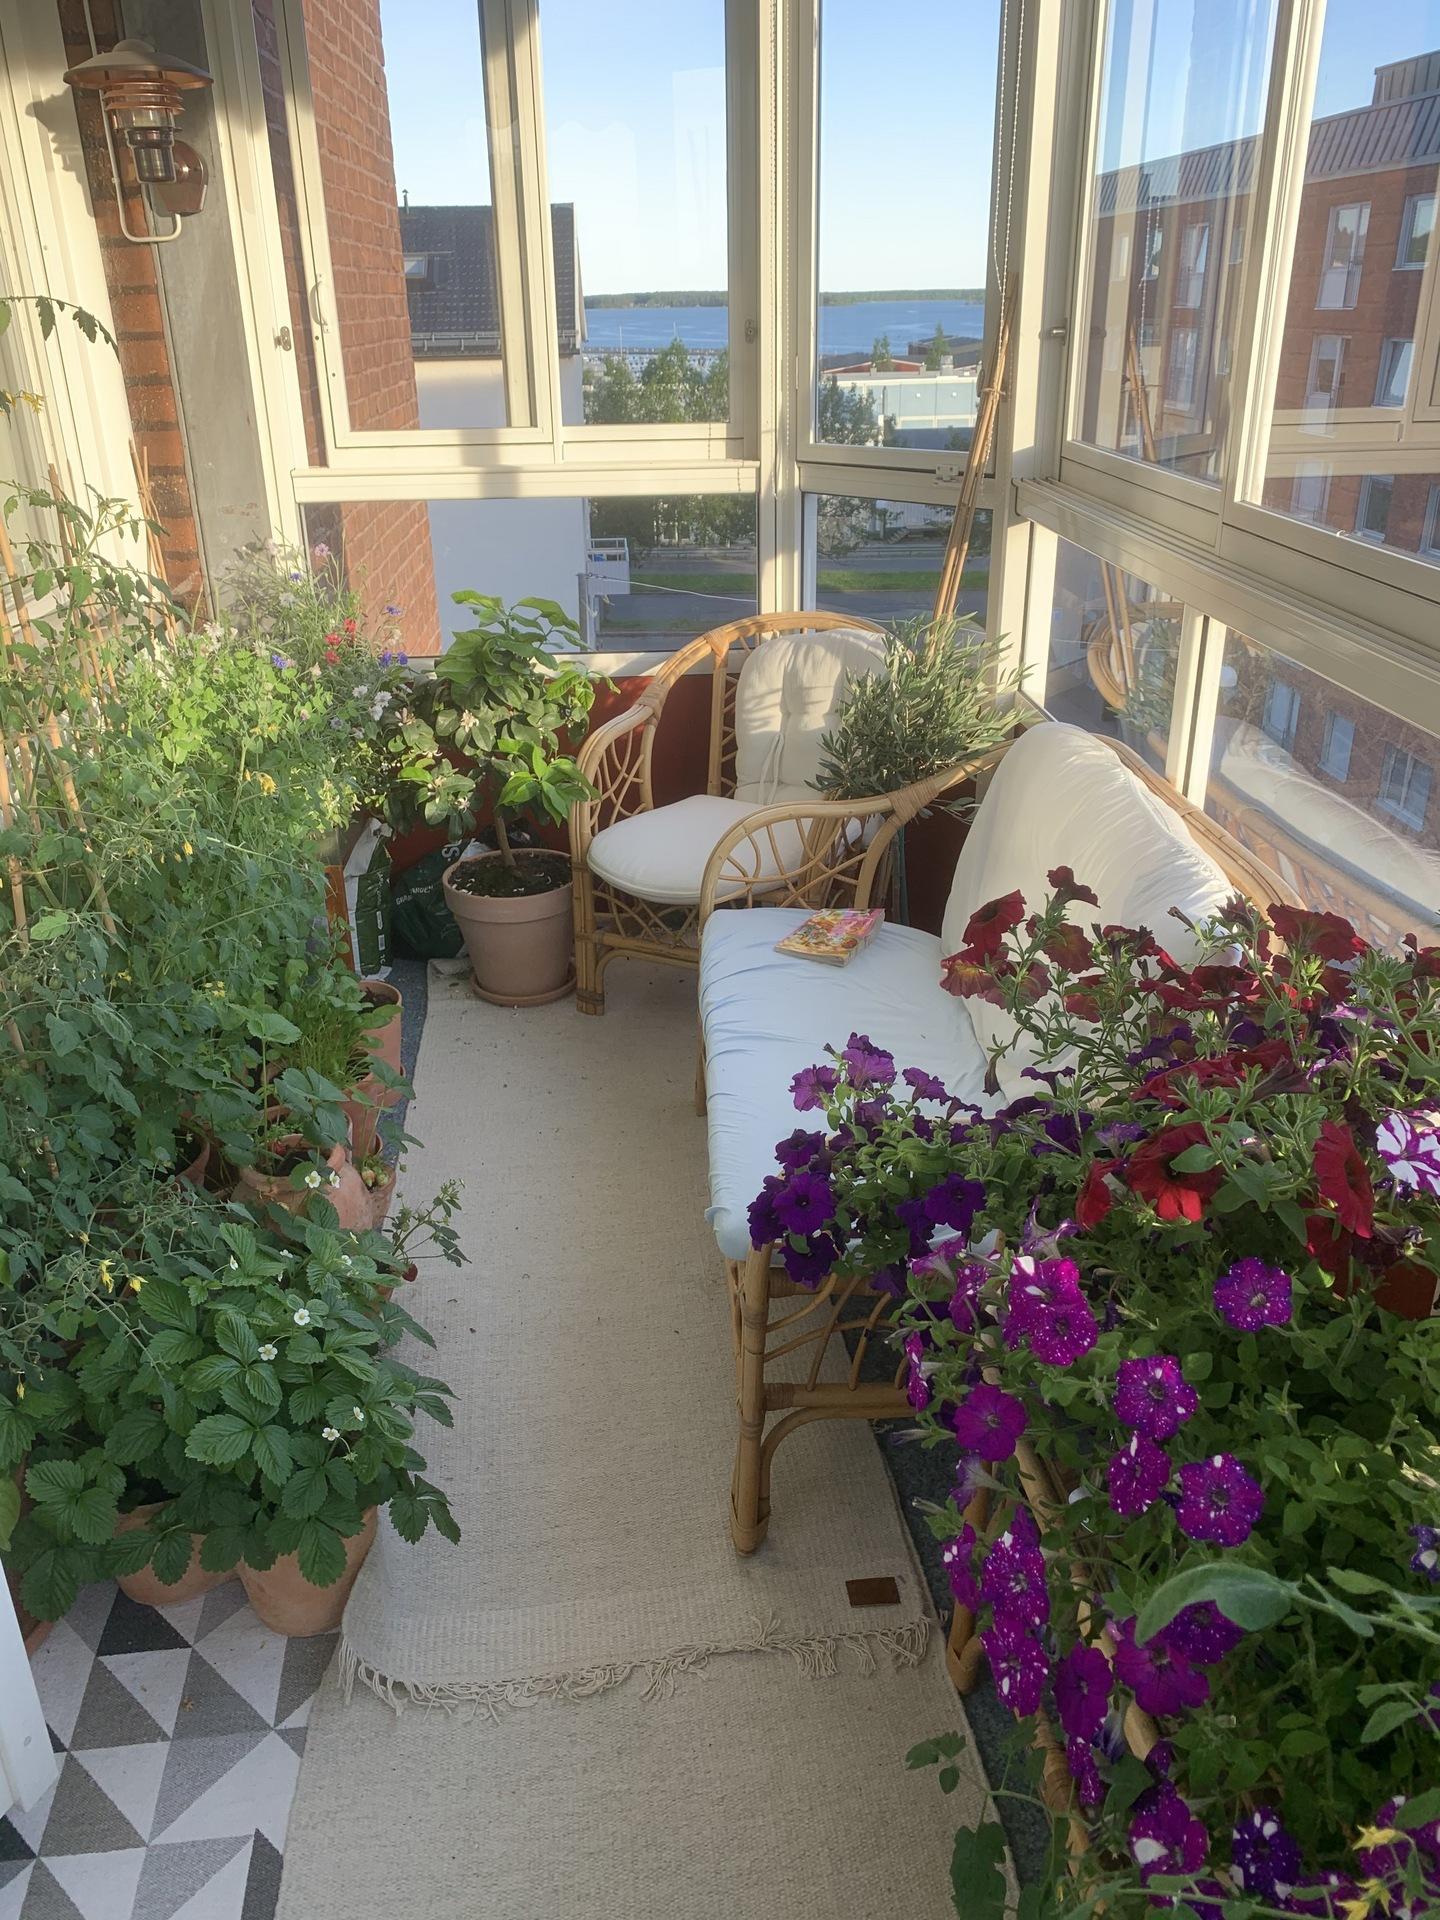 Säljarens egna bild från balkongen!